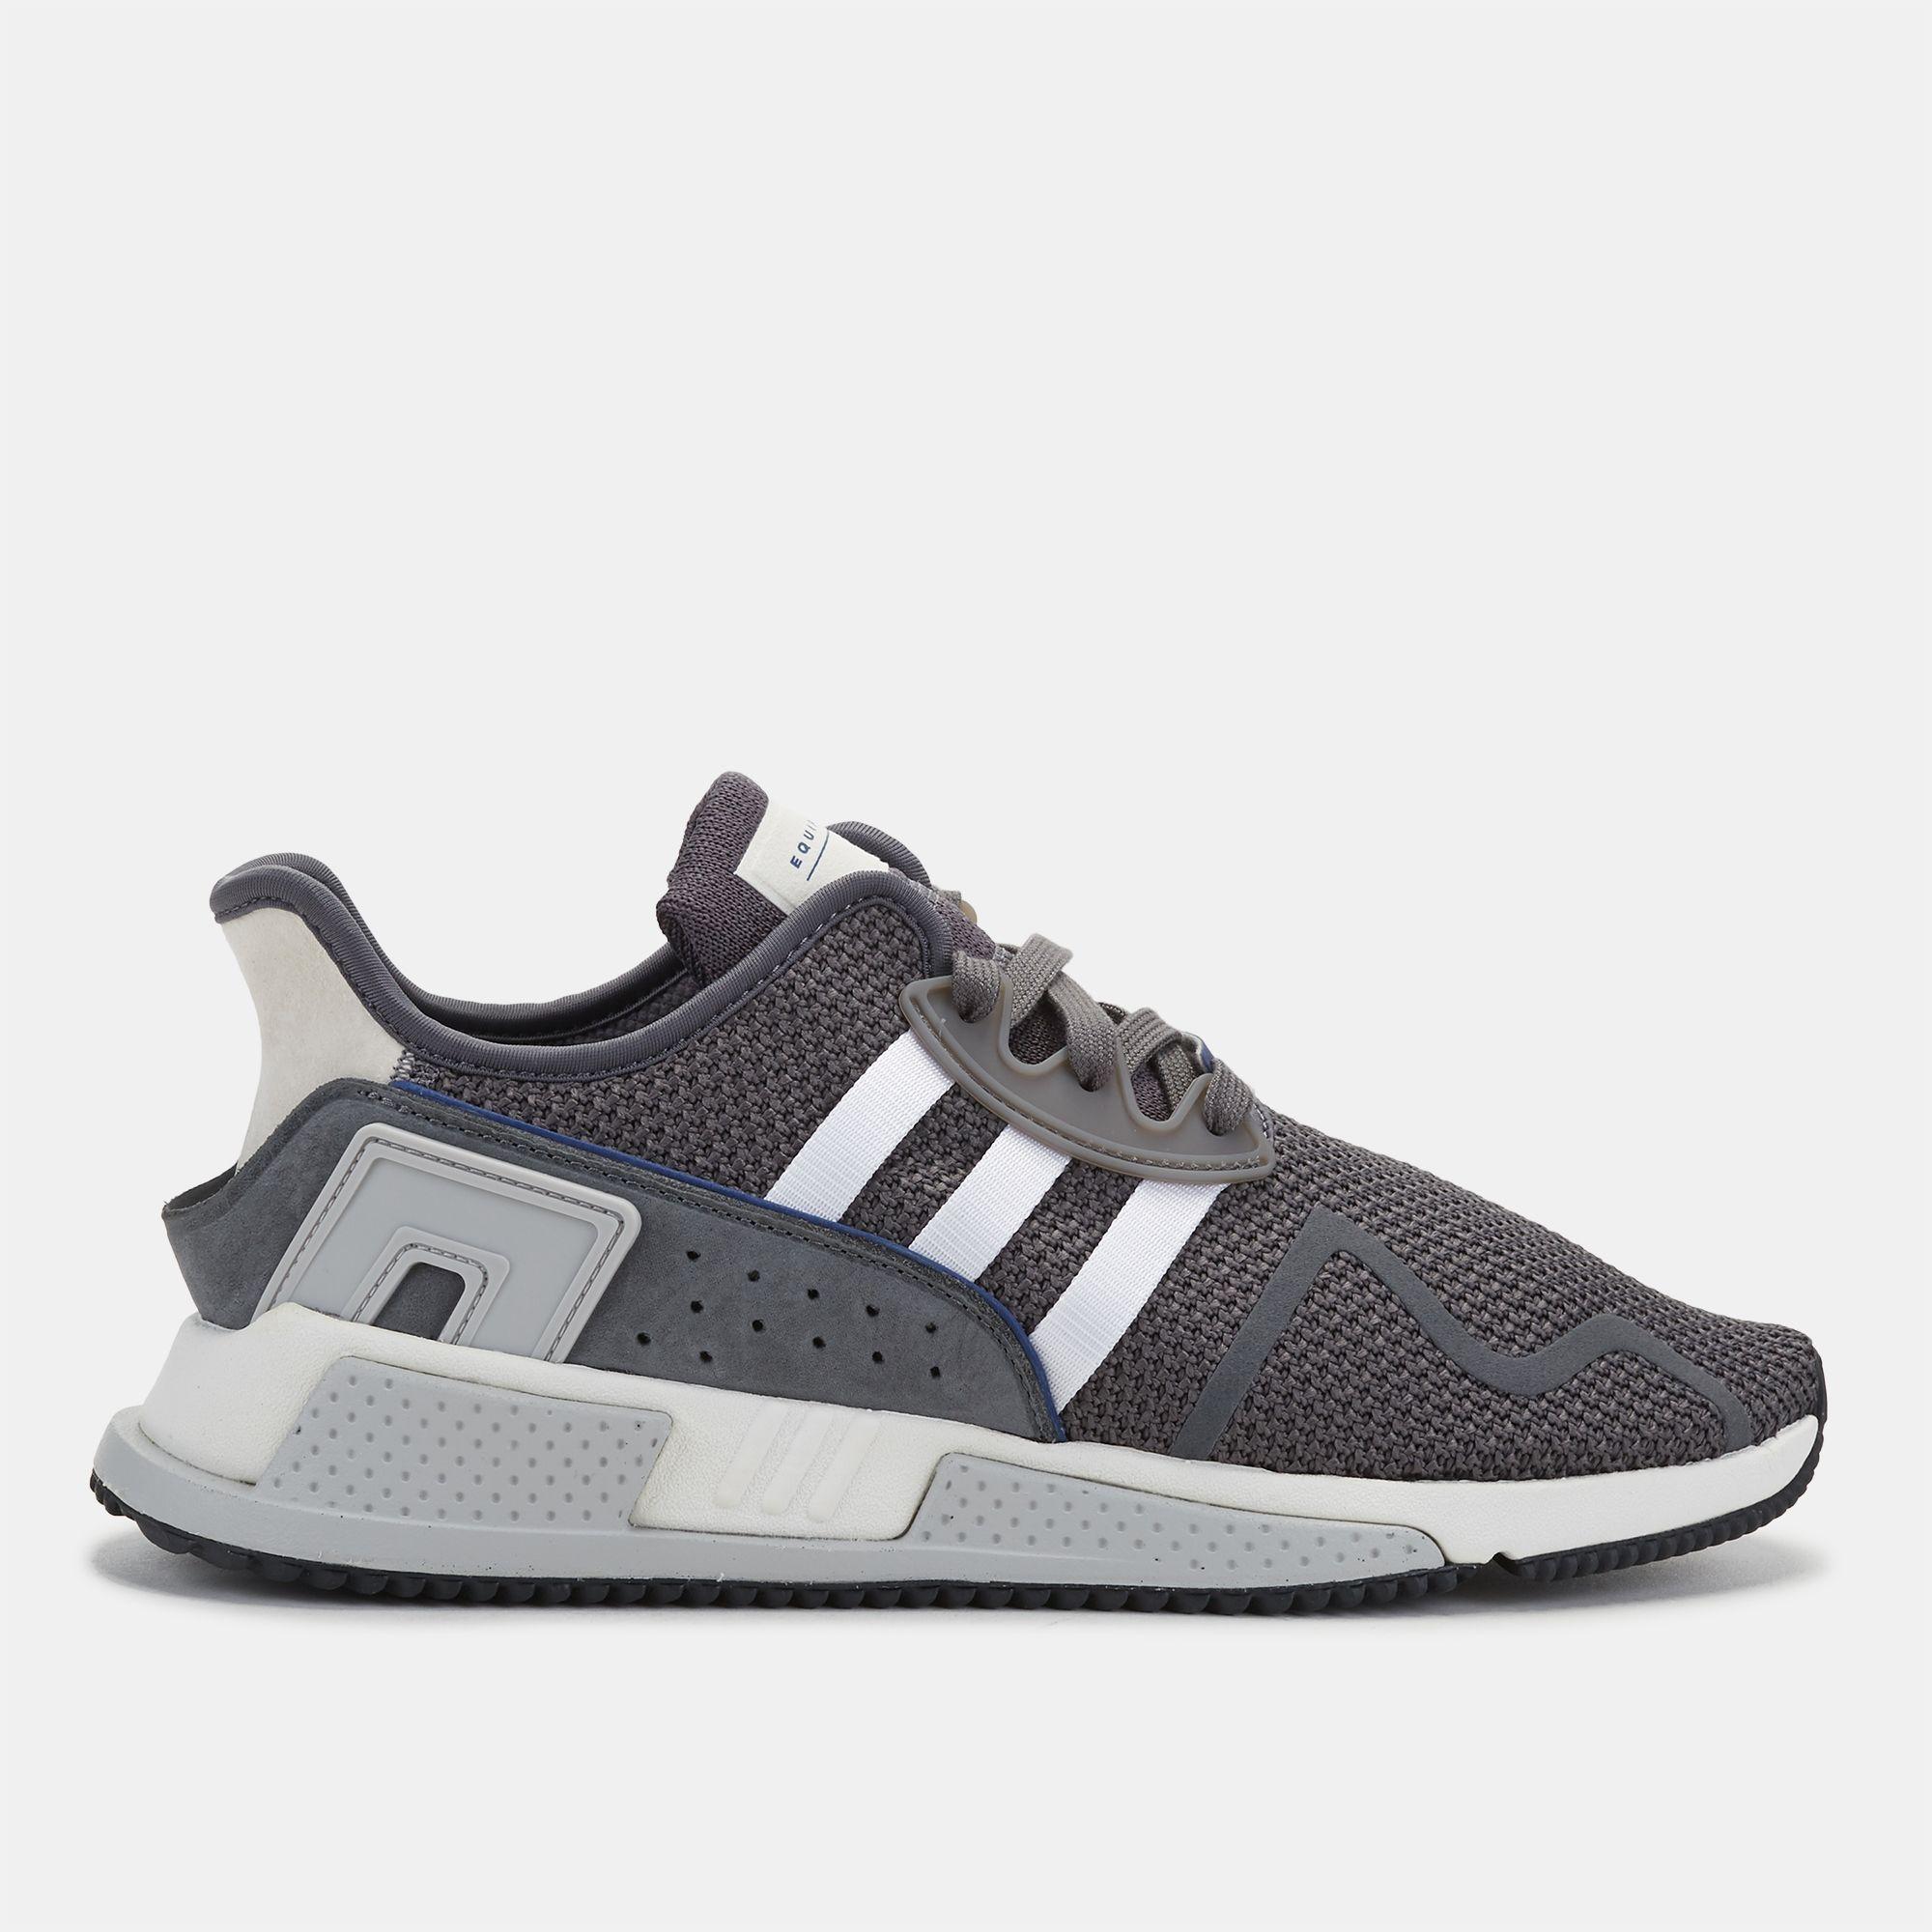 Adidas Originals EQT Cushion ADV zapato zapatilla zapatos hombre 's